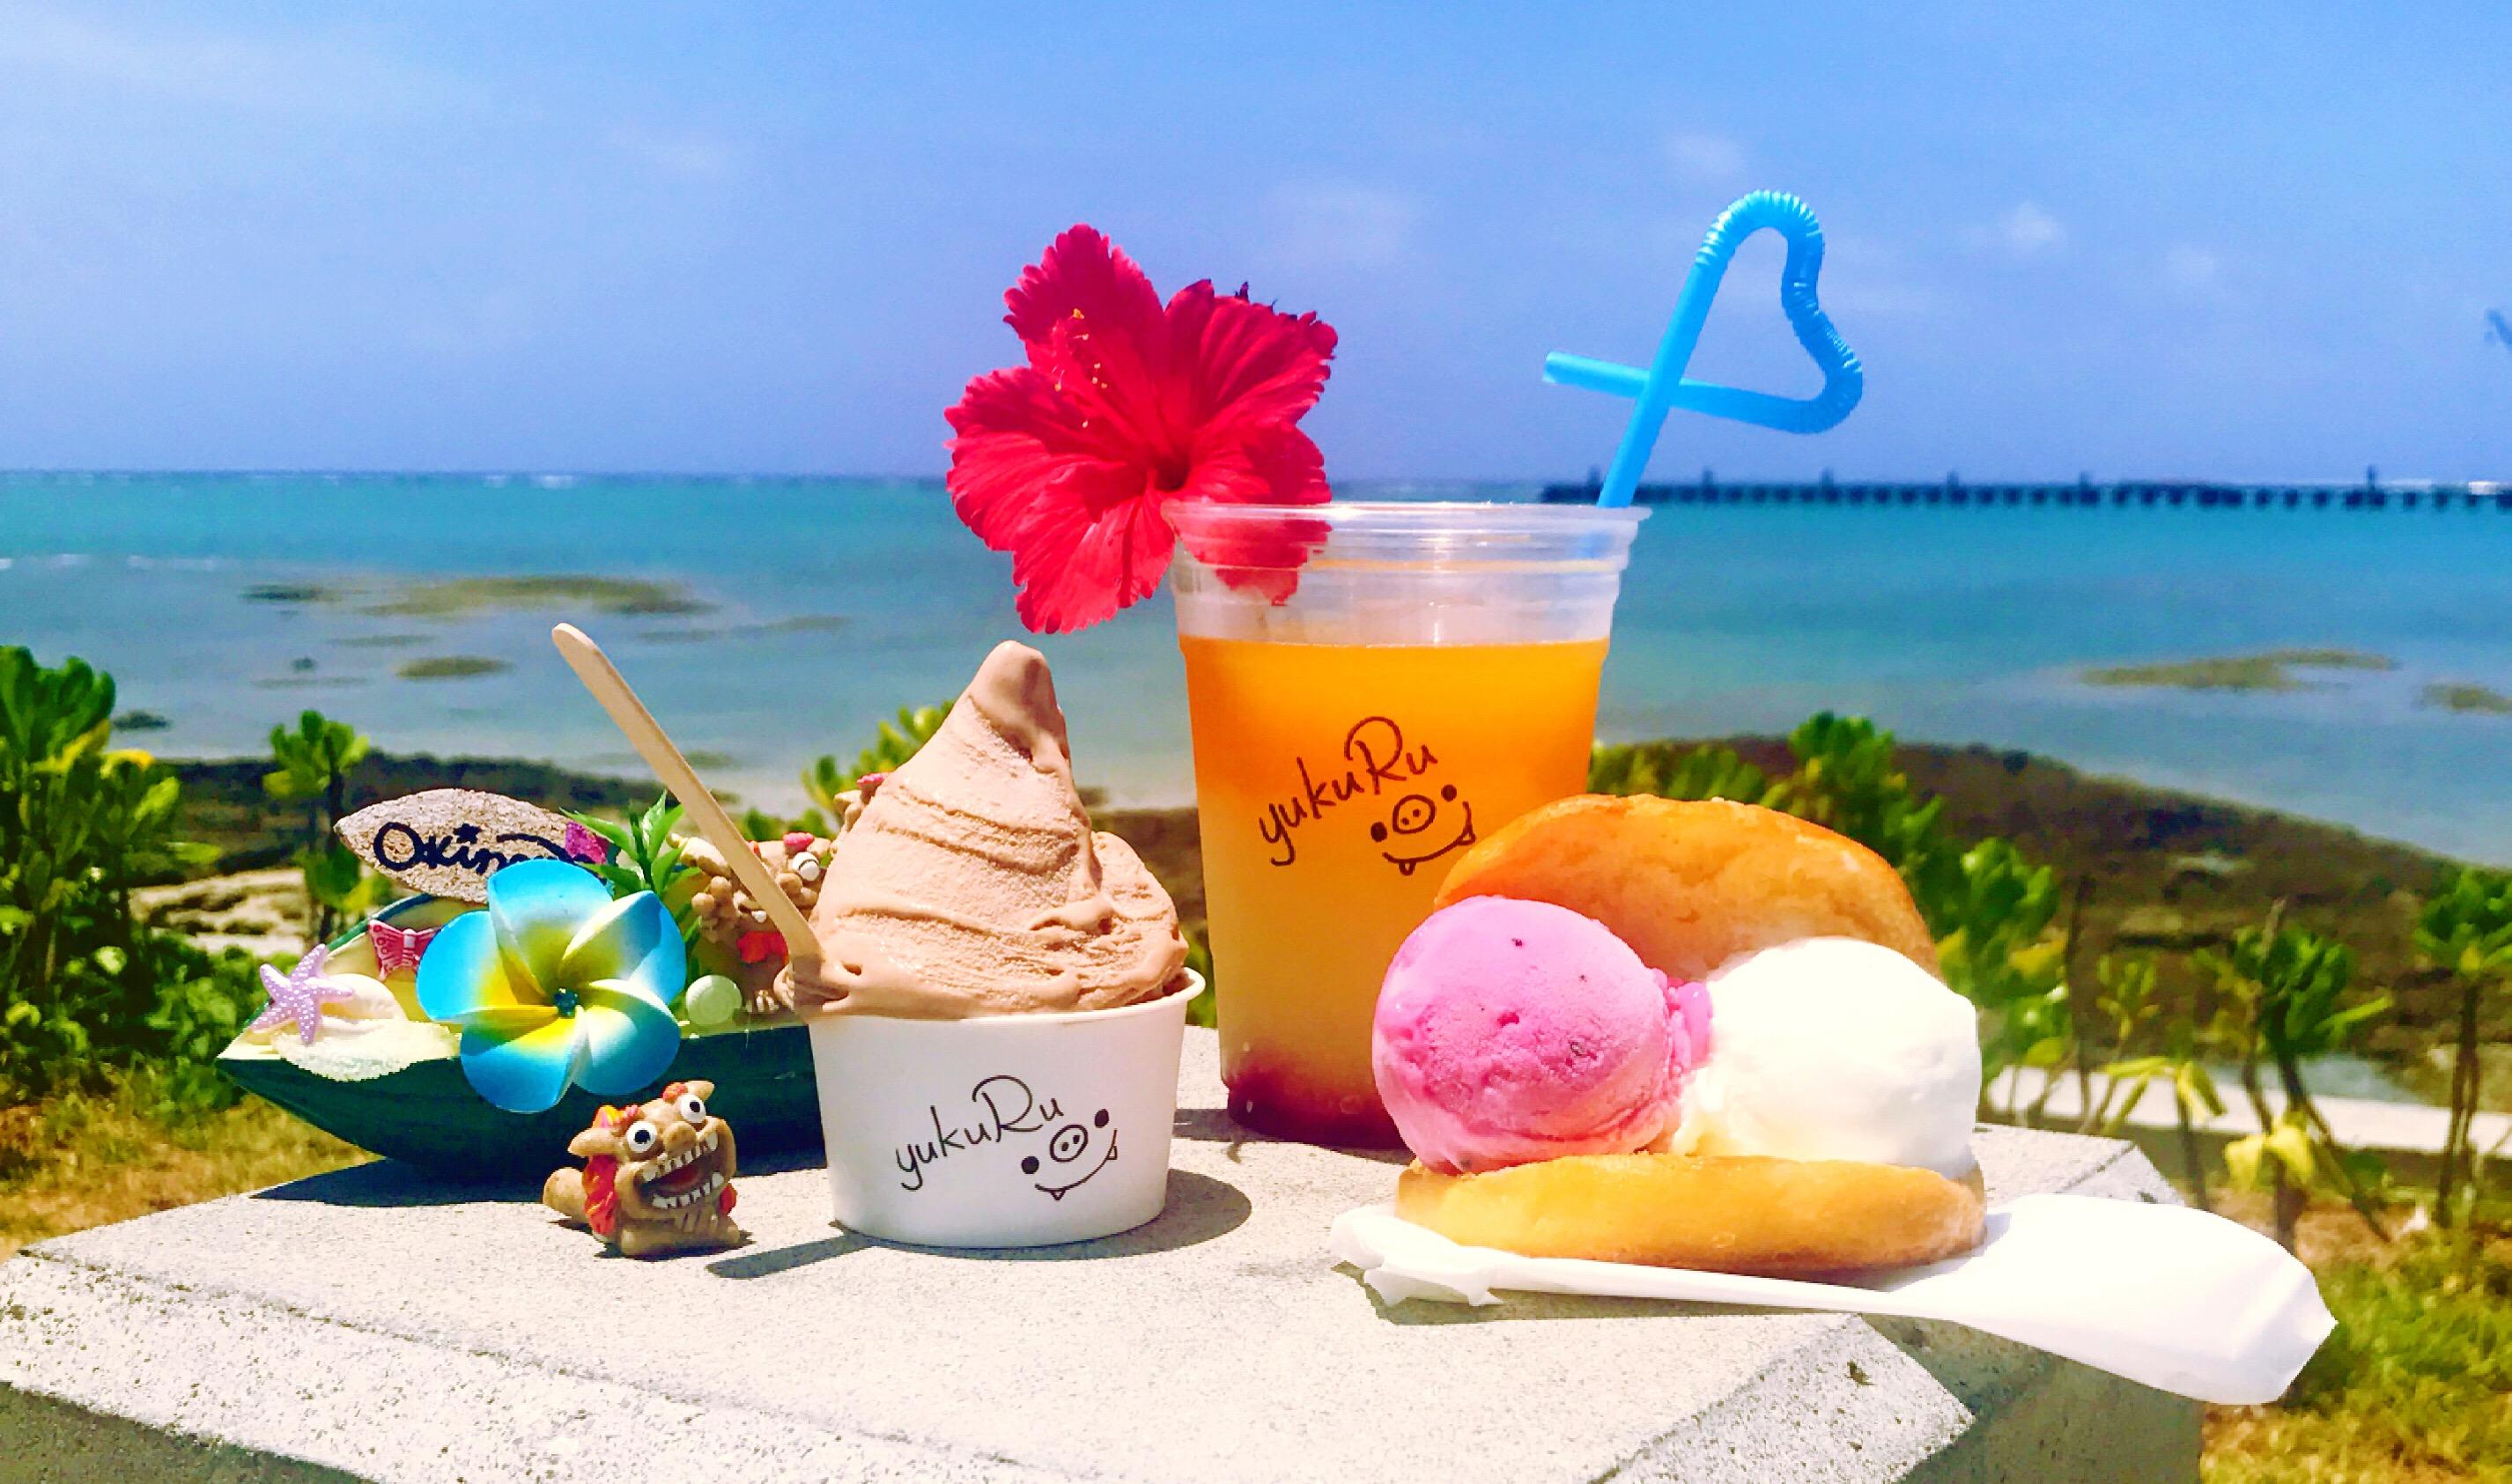 ■ 沖縄手作りジェラート yukuRu ■画像